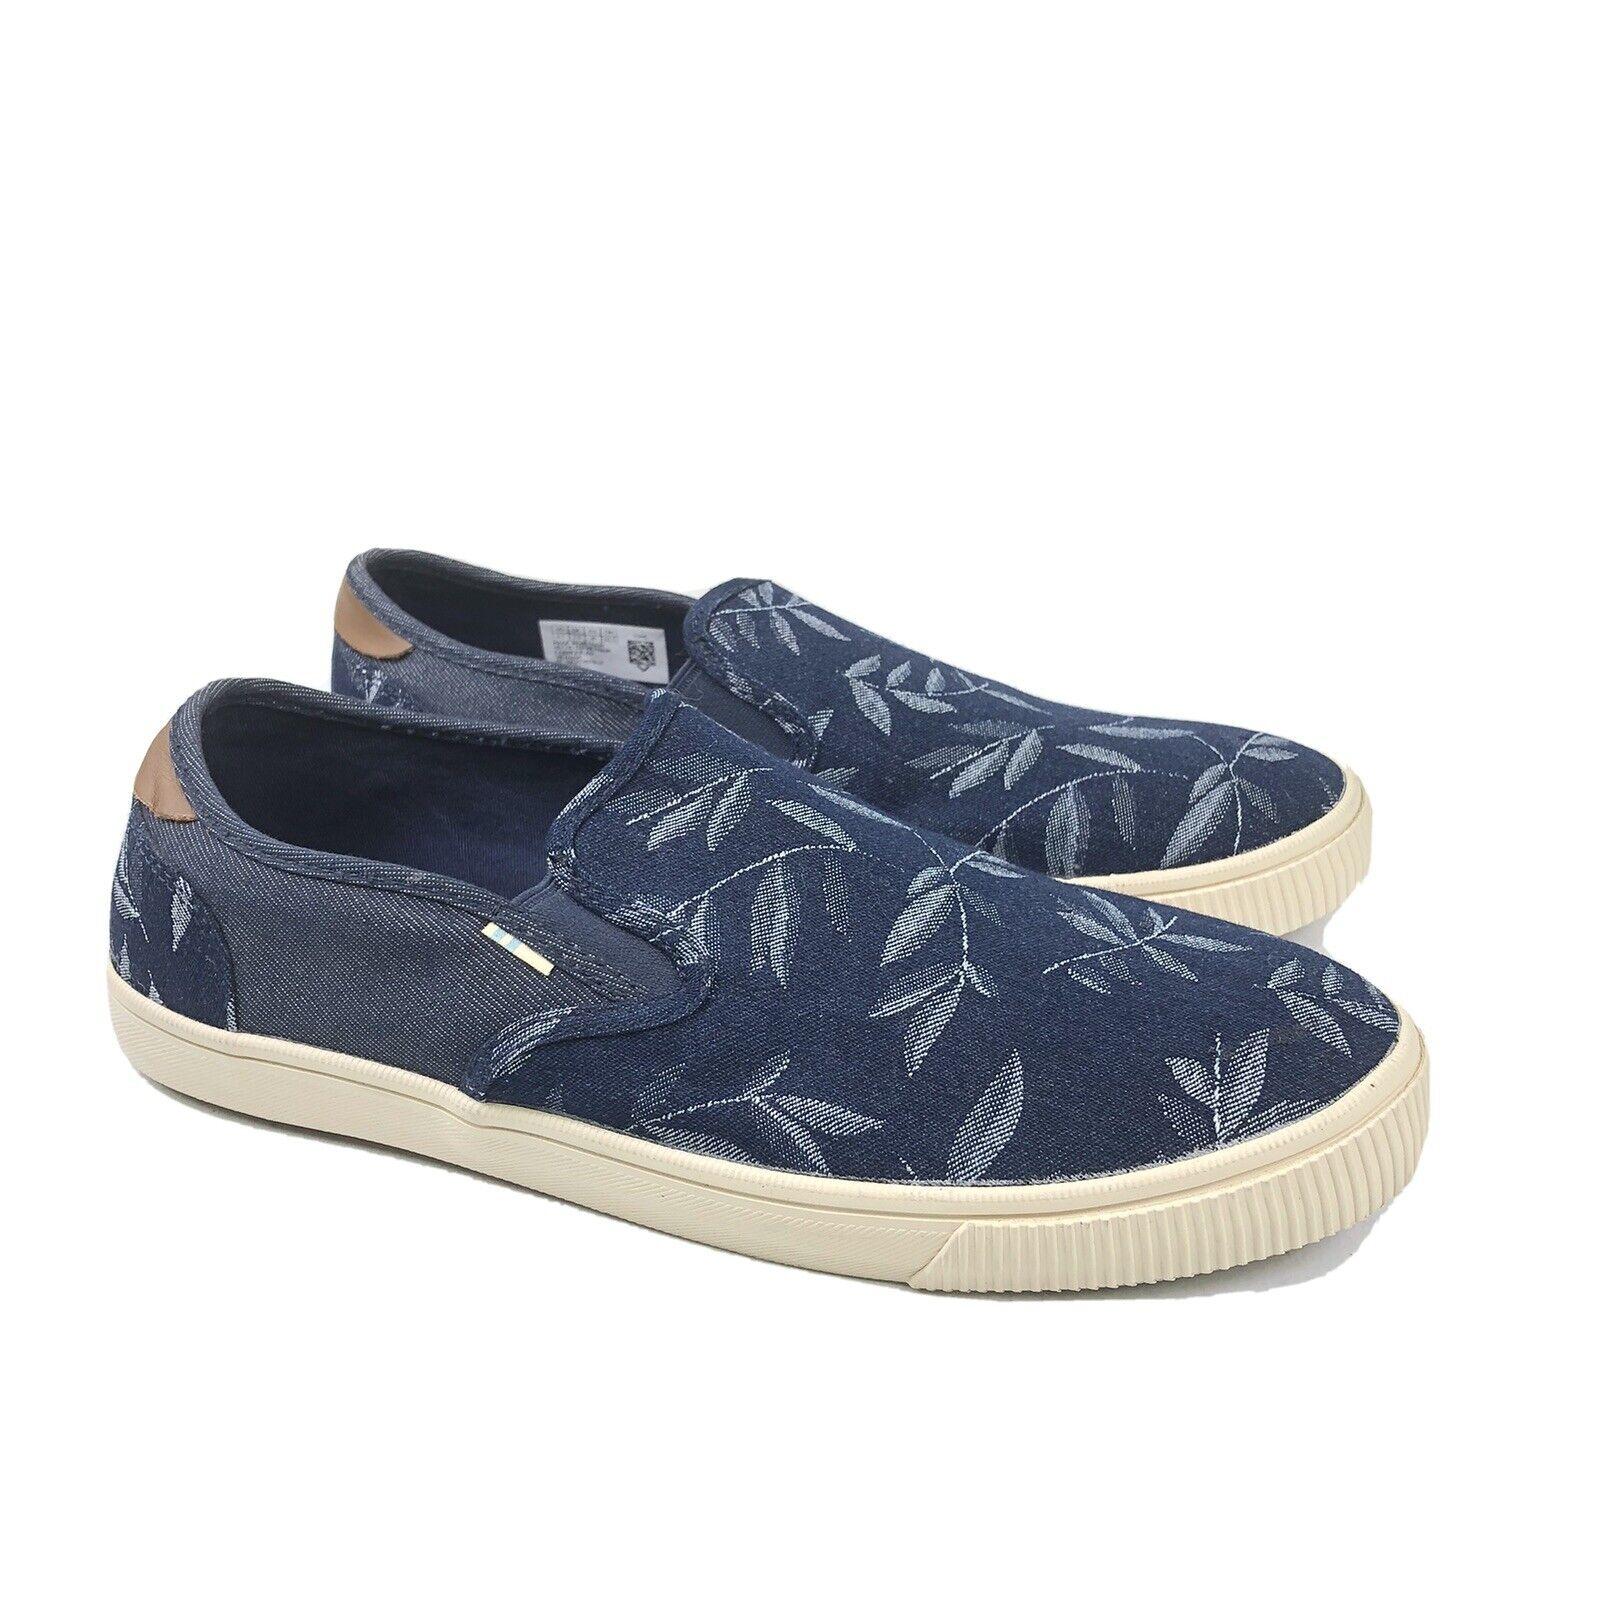 Toms Mens Baja Leaf Print Slip On Shoes Size 8.5M